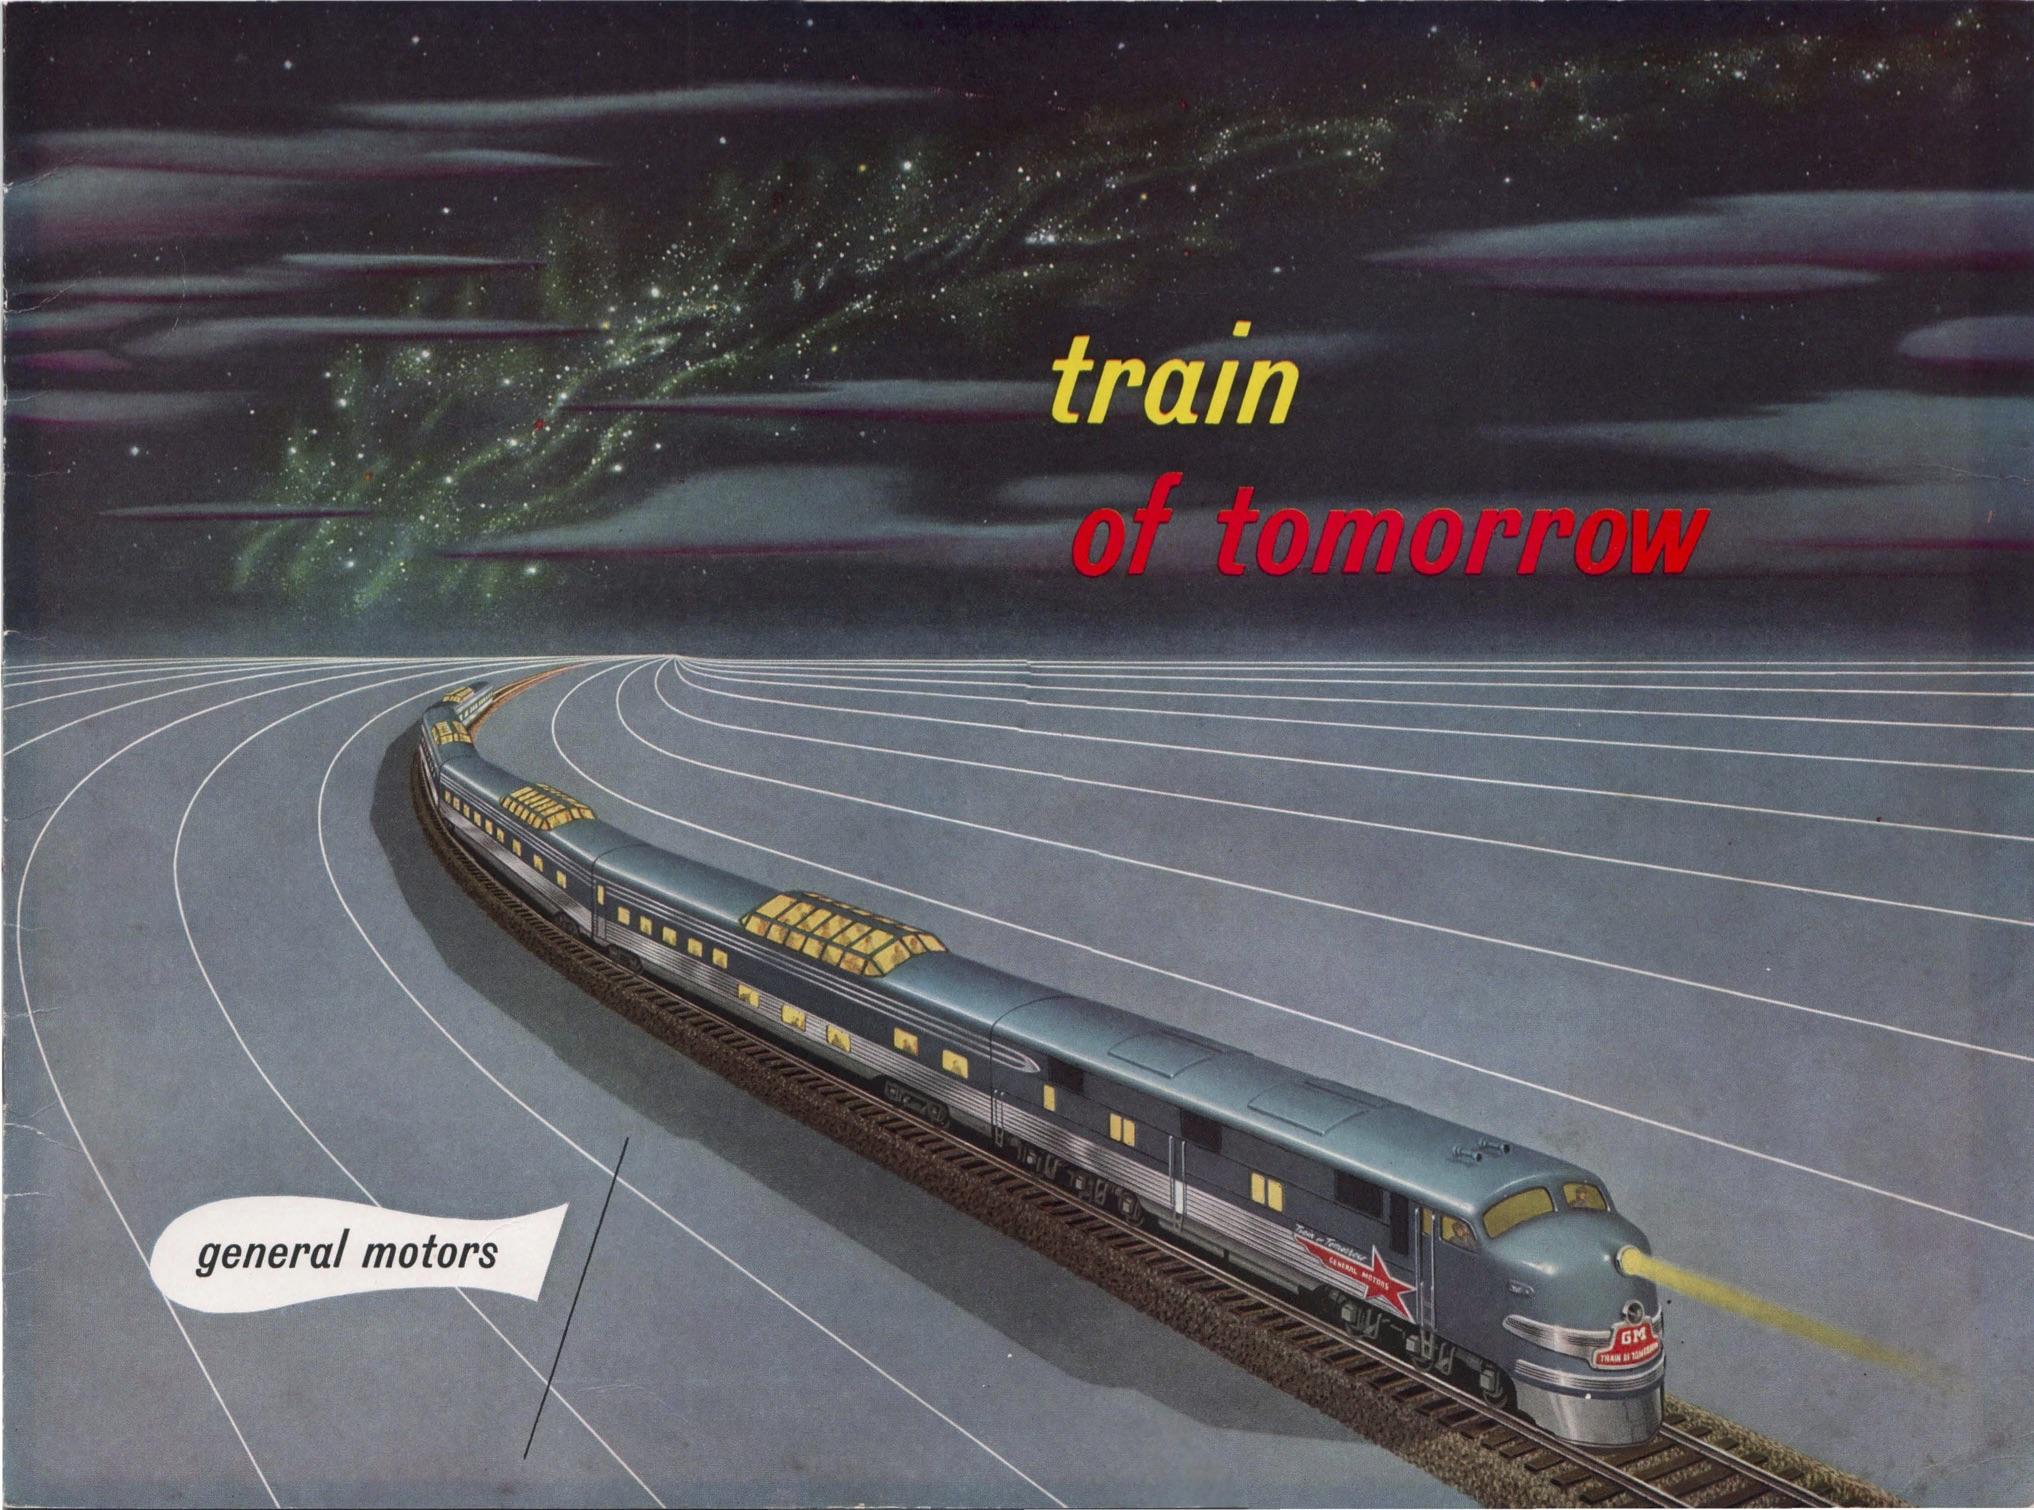 Train of Tomorrow - Wikipedia